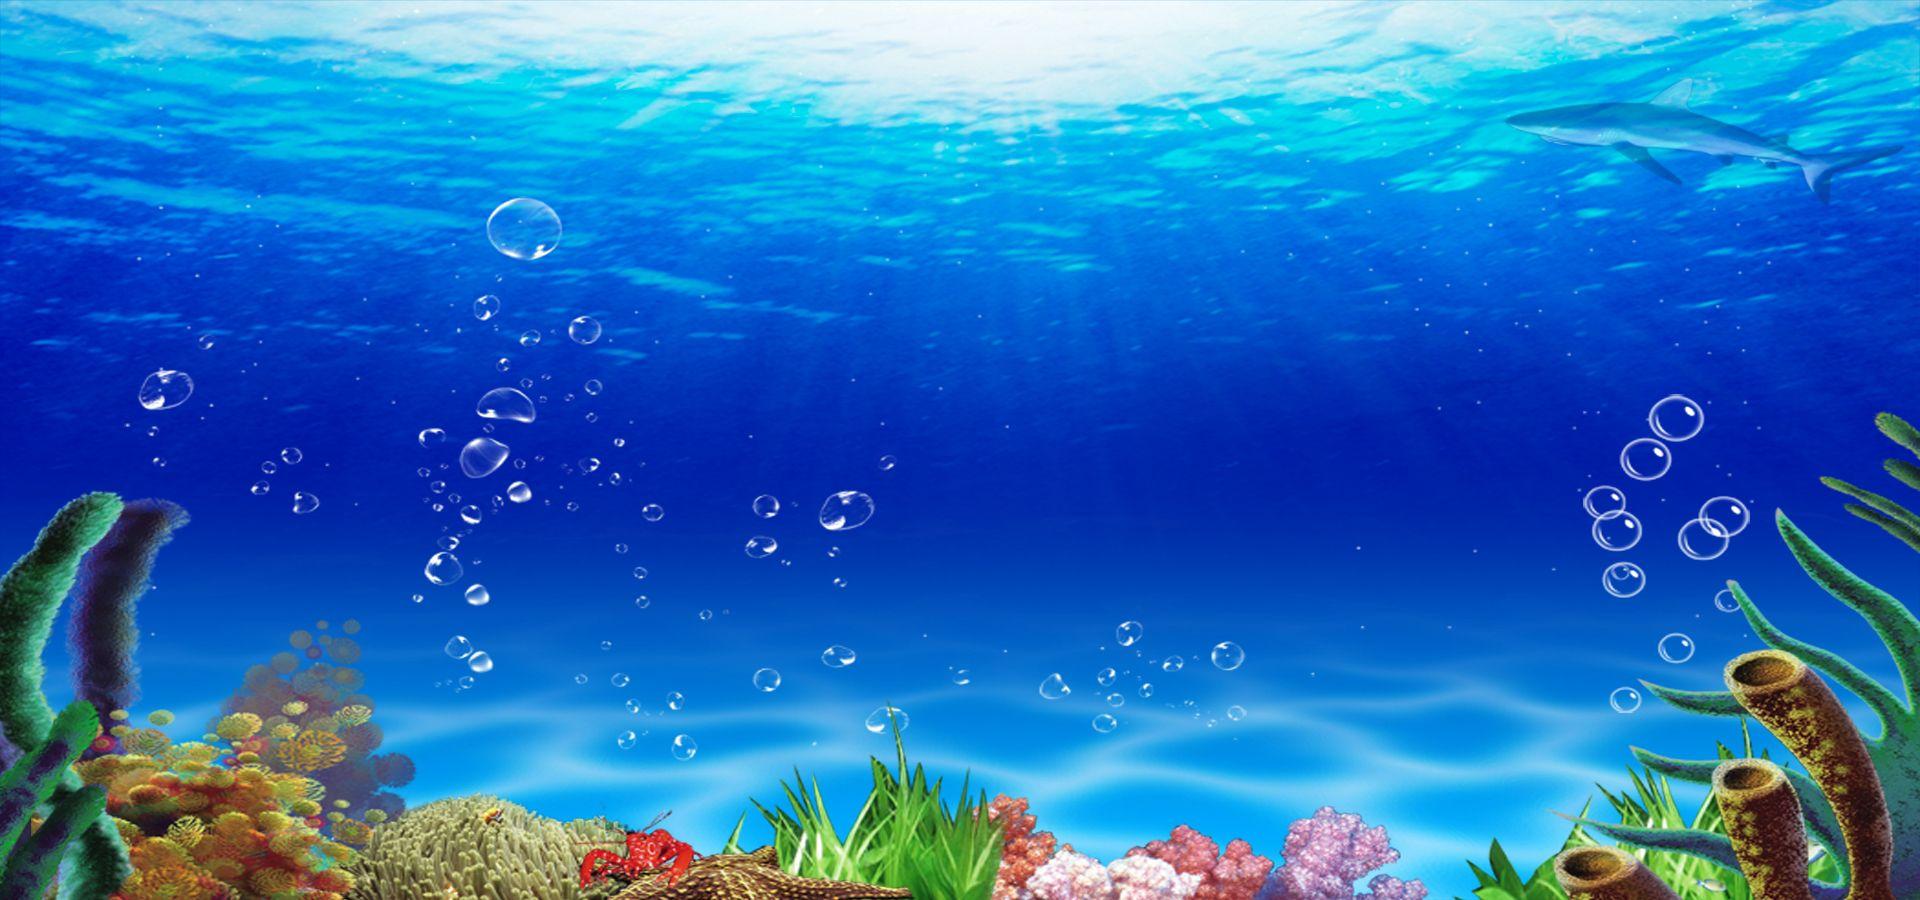 Fondo Del Mundo Submarino Fondo De Pecera Fondo De Mar Fondo Marino Dibujo